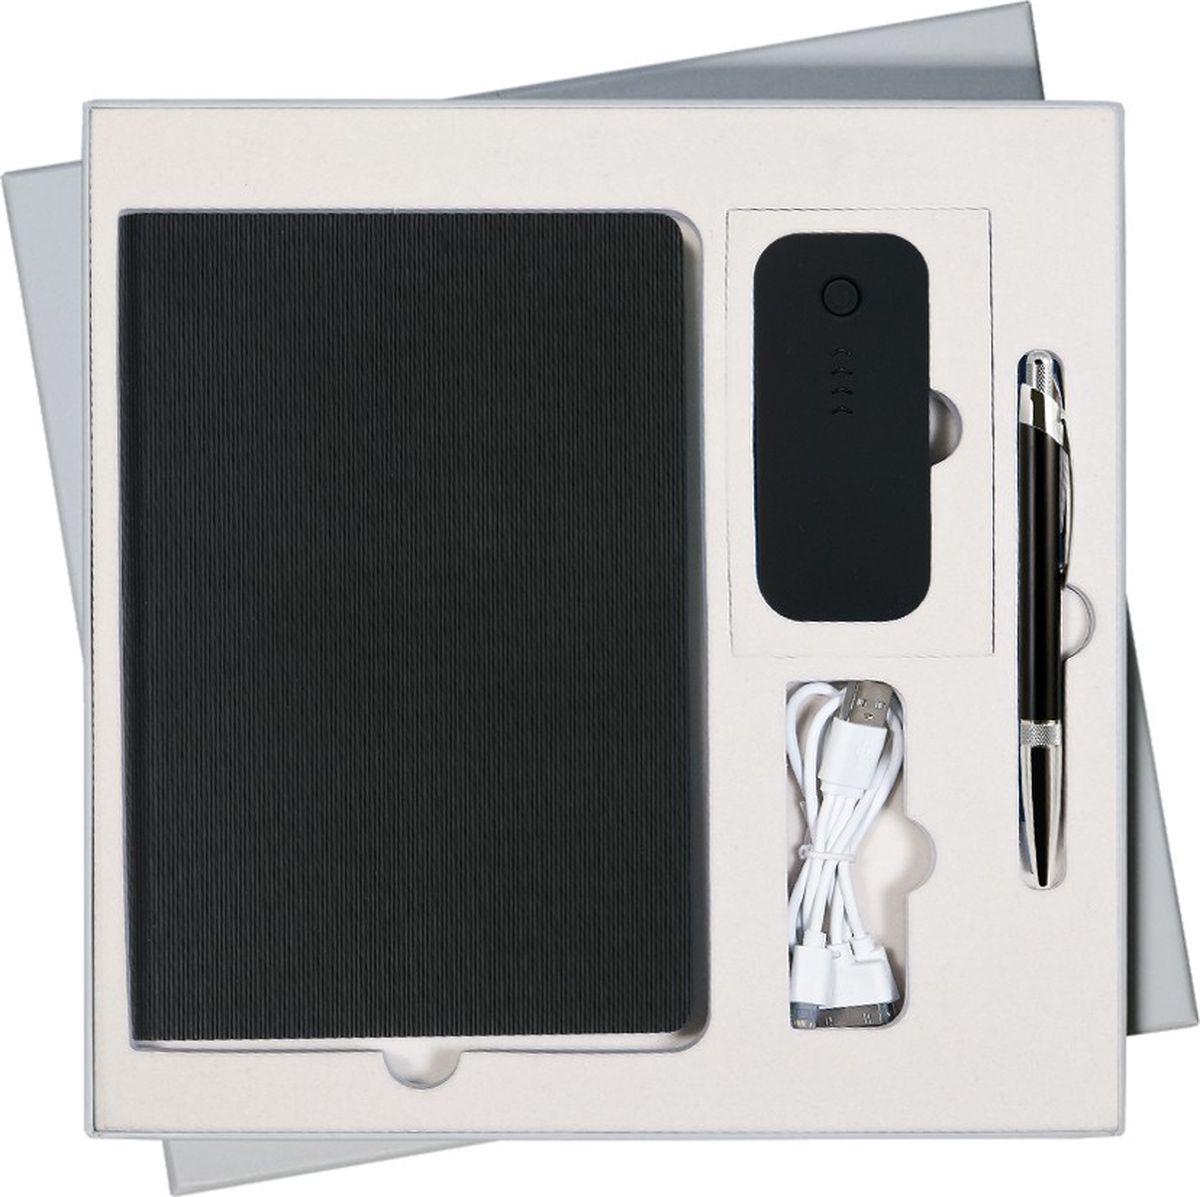 Portobello Trend Подарочный набор Rain GS-301-34GS-301-34-GREY-RAINВ набор входят: - недатированный ежедневник формата A5 со стикерами (содержит 256 страниц); - шариковая ручка Bali с алюминиевым корпусом (отделка - хром); - внешний аккумулятор City PB 4000 mAh (пластиковый корпус).